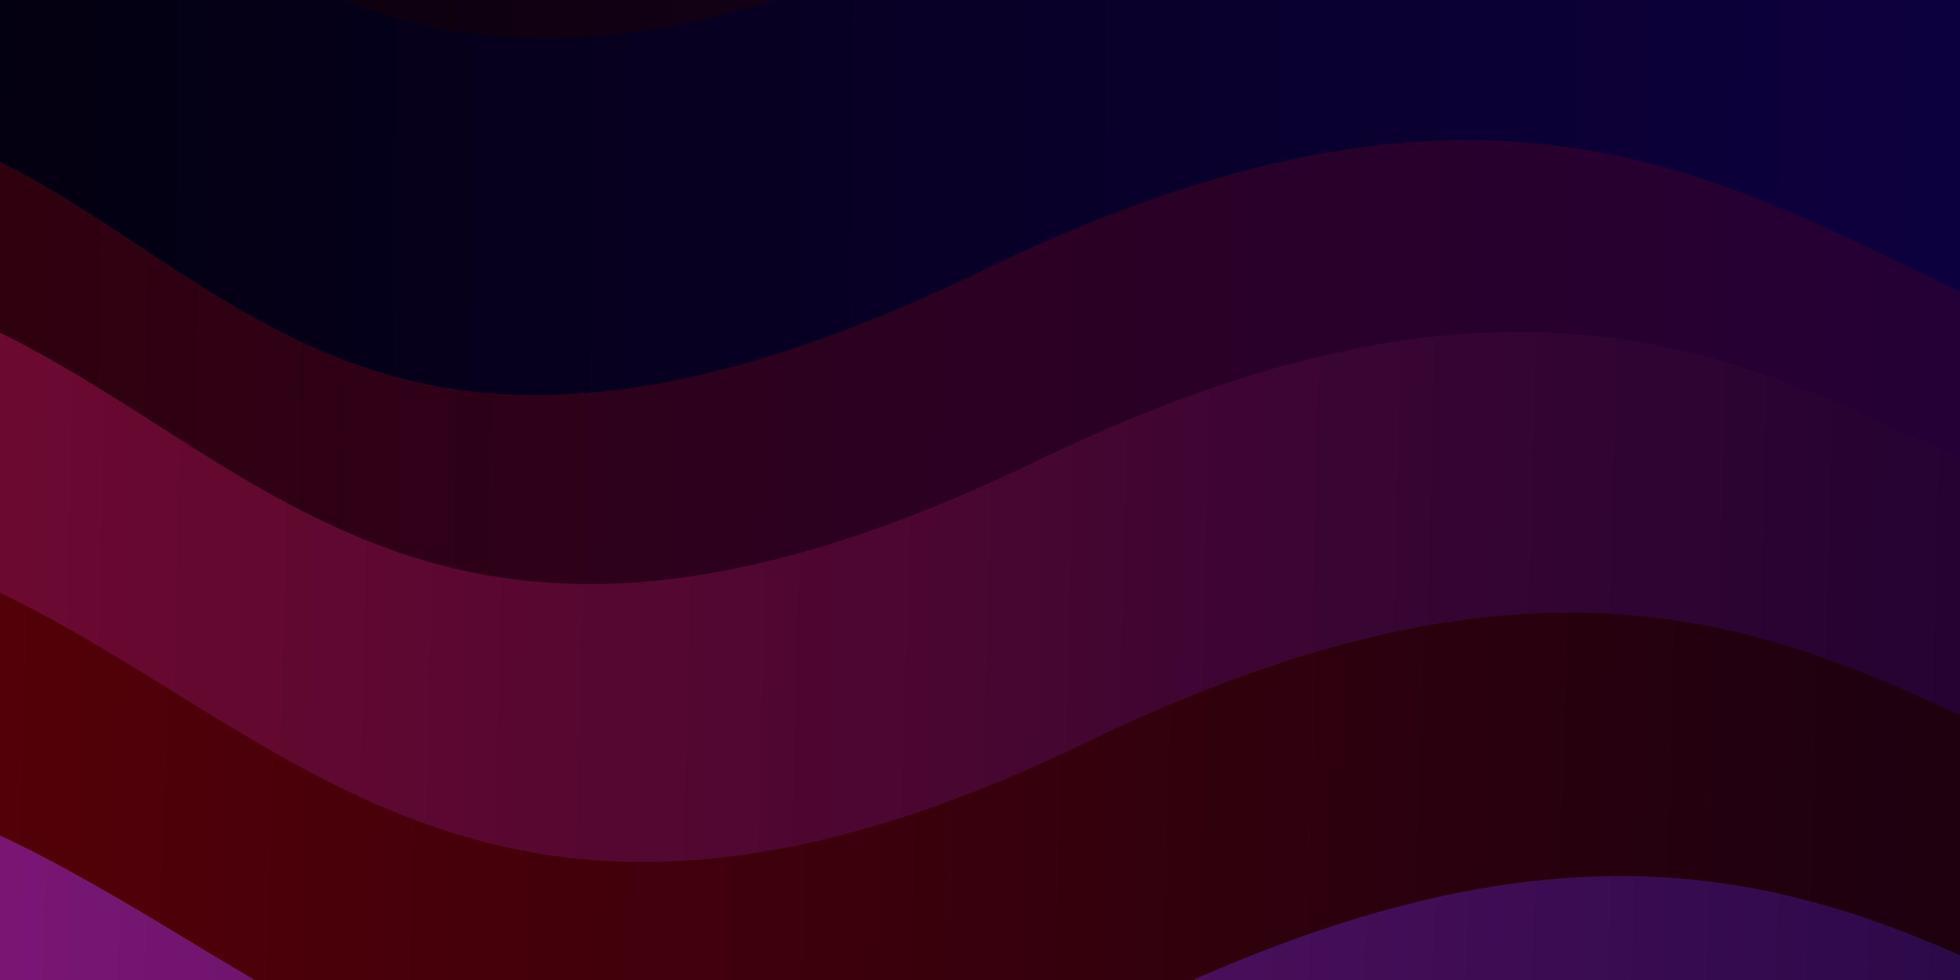 layout de vetor de azul escuro e vermelho com linhas irônicas.